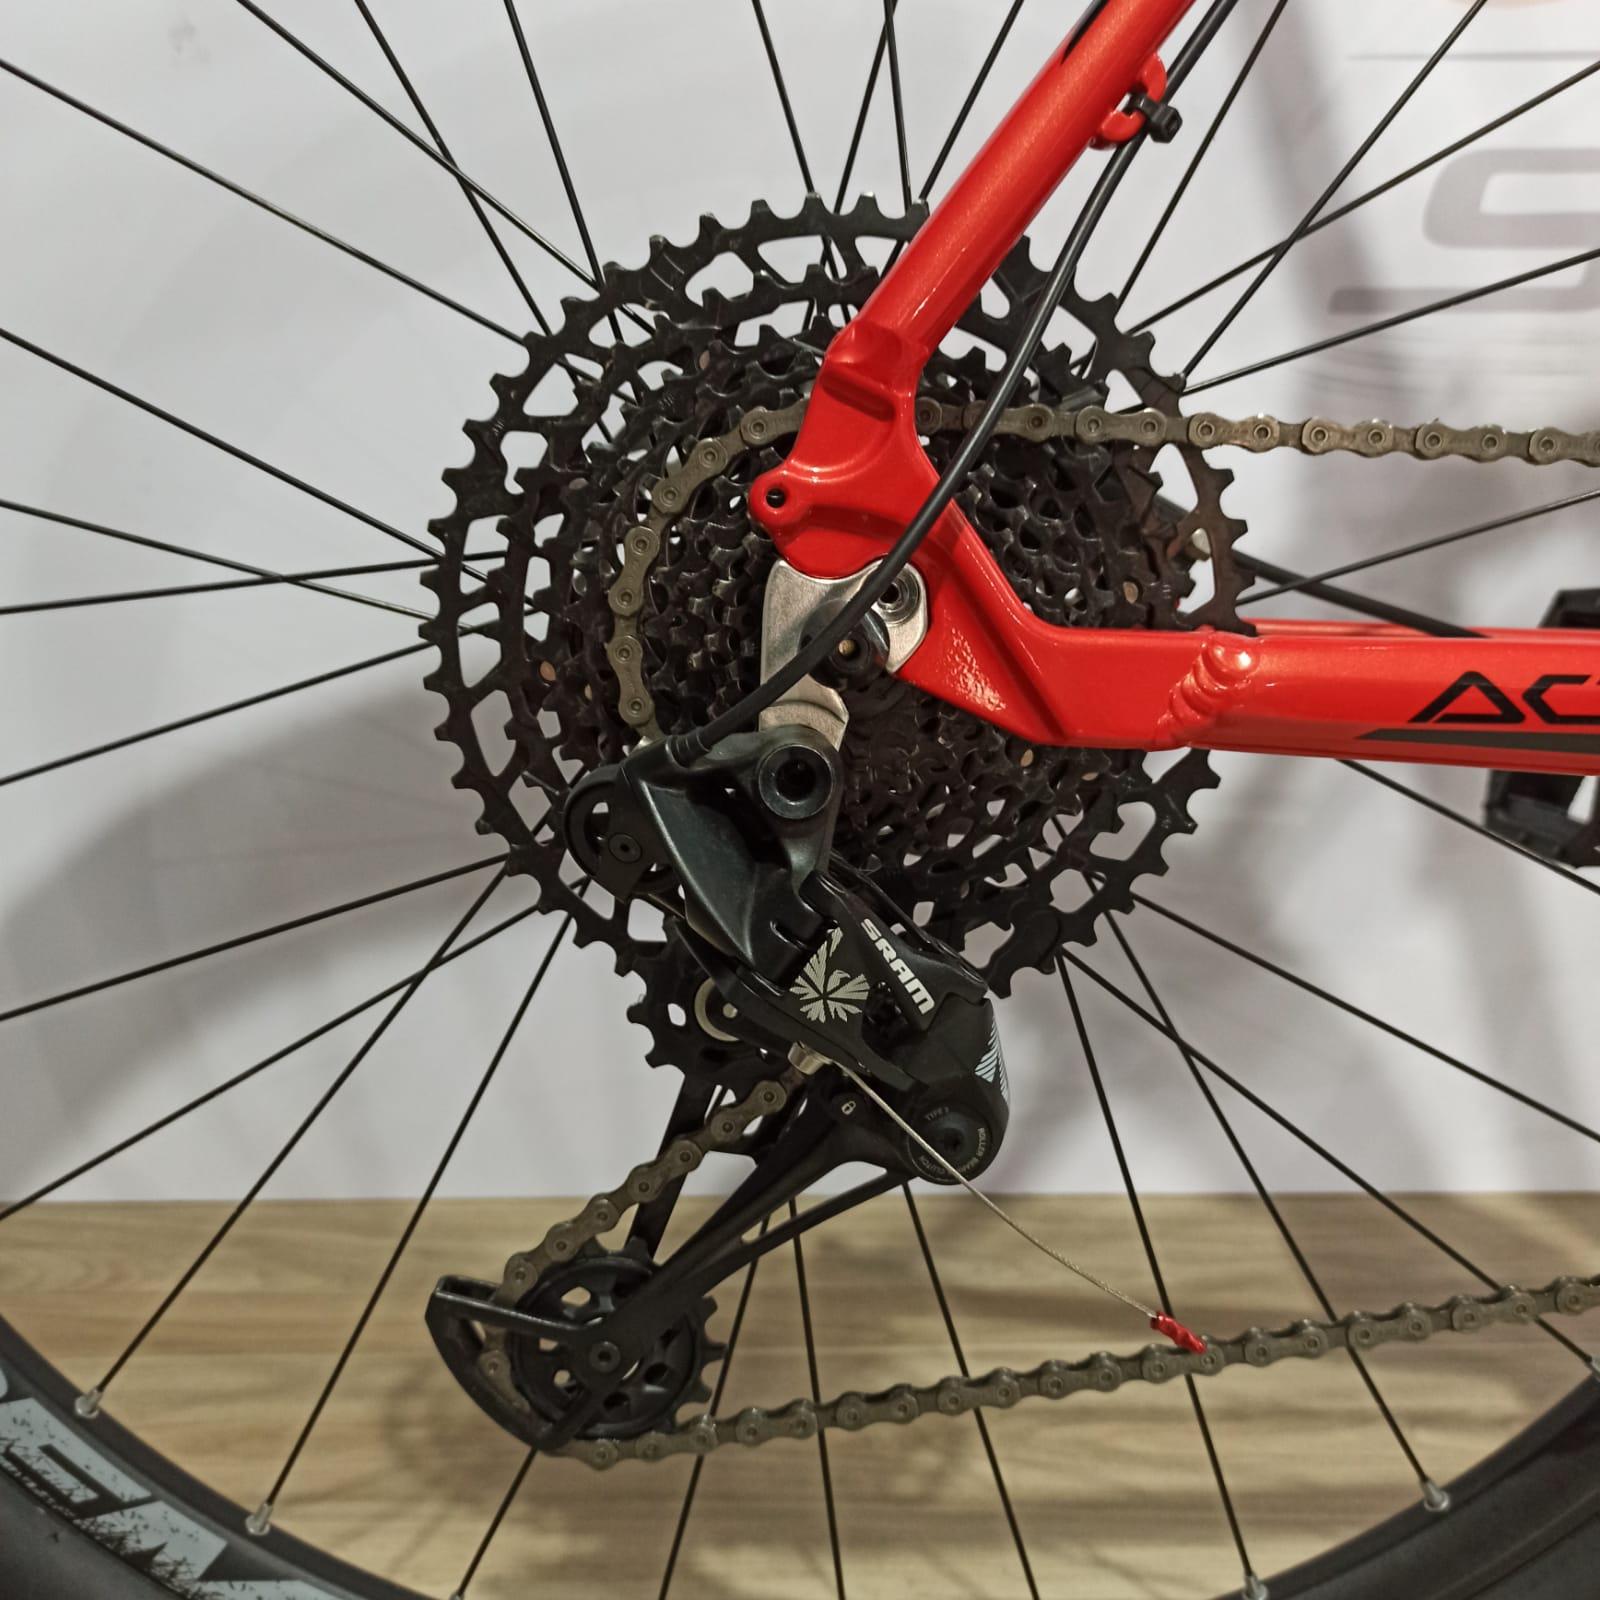 Bicicleta FIRST Active aro 29 - 12v Sram NX - Freio Shimano Hidráulico - Suspensão Absolute a AR